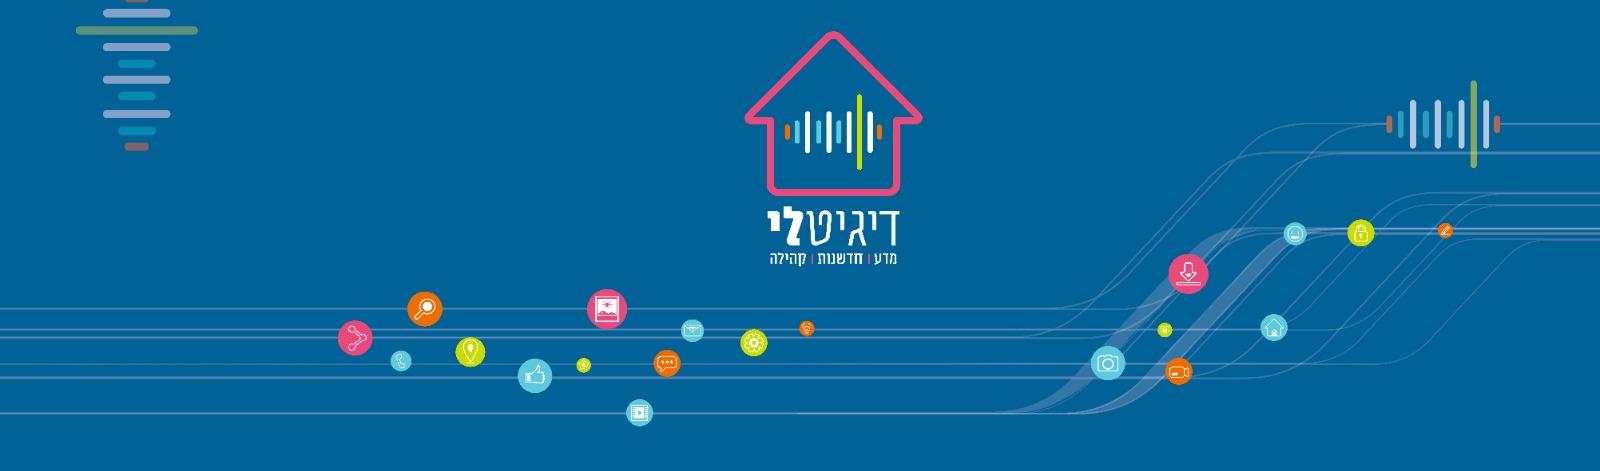 קורסי מחשבים באשדוד-לוגו מרכז דיגיטלי באשדוד